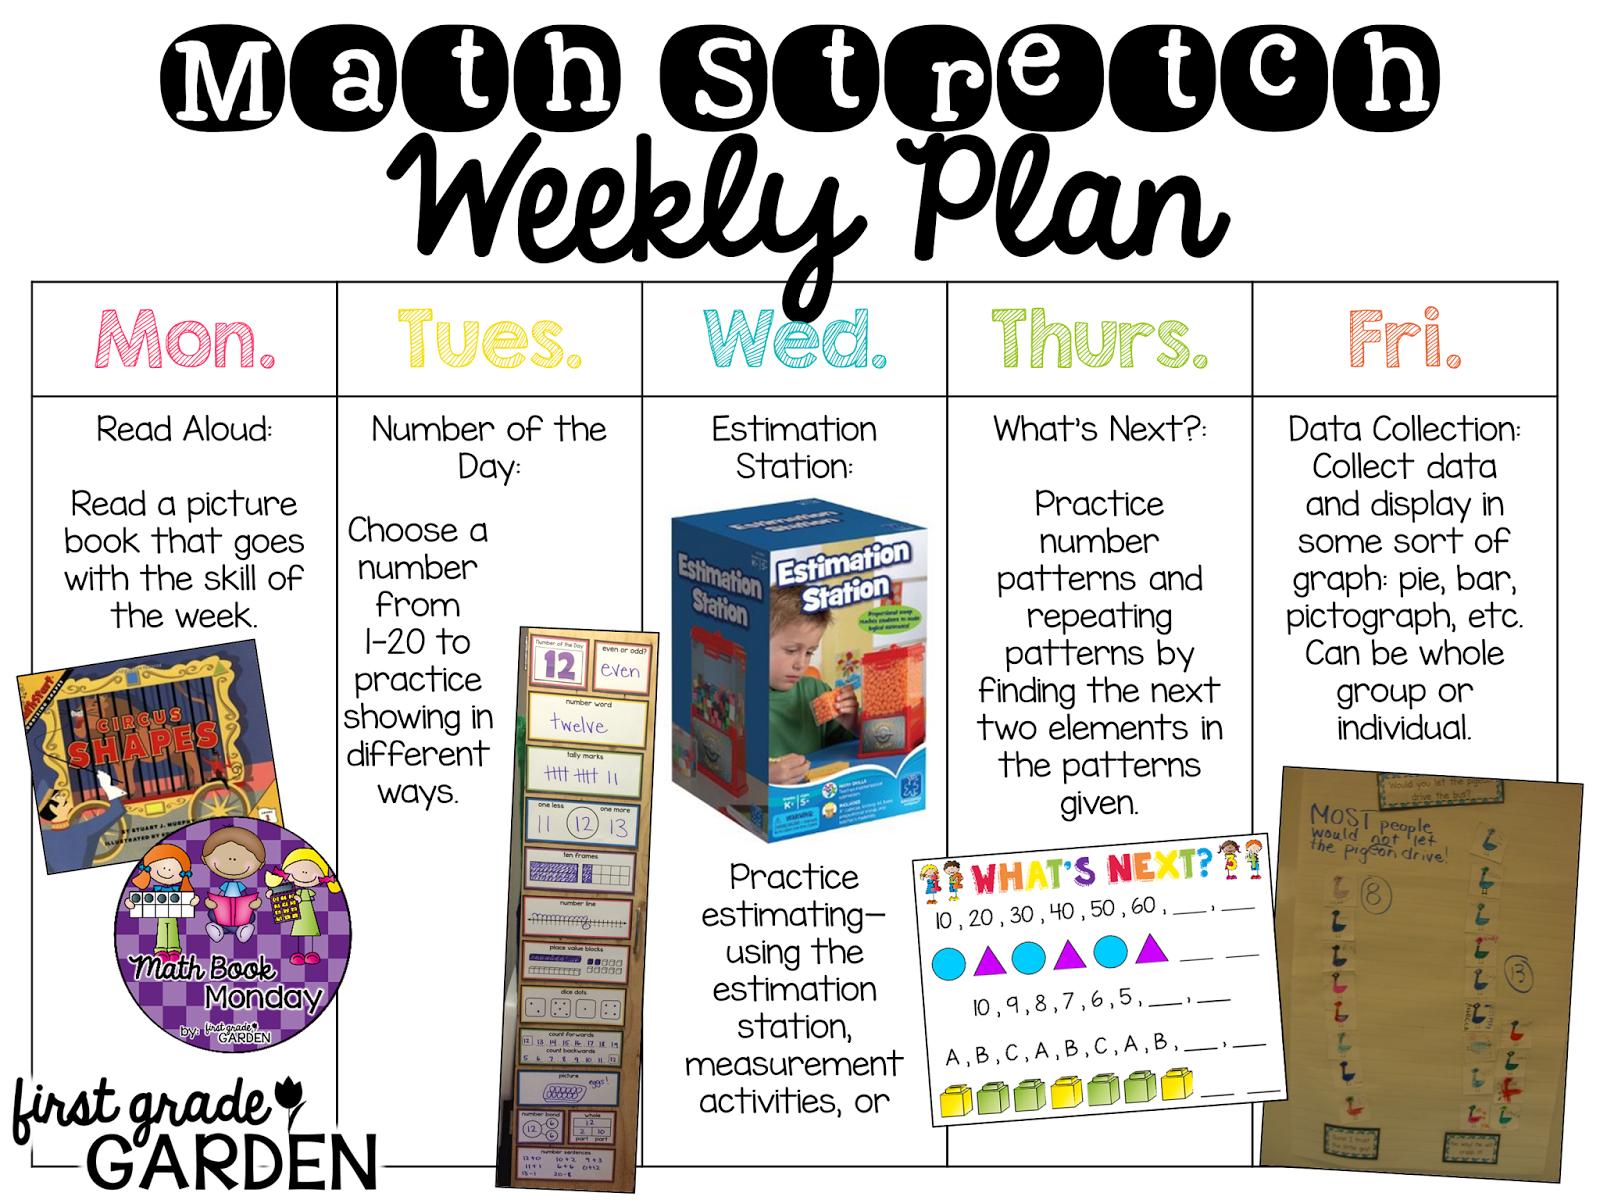 First Grade Garden Daily Schedule